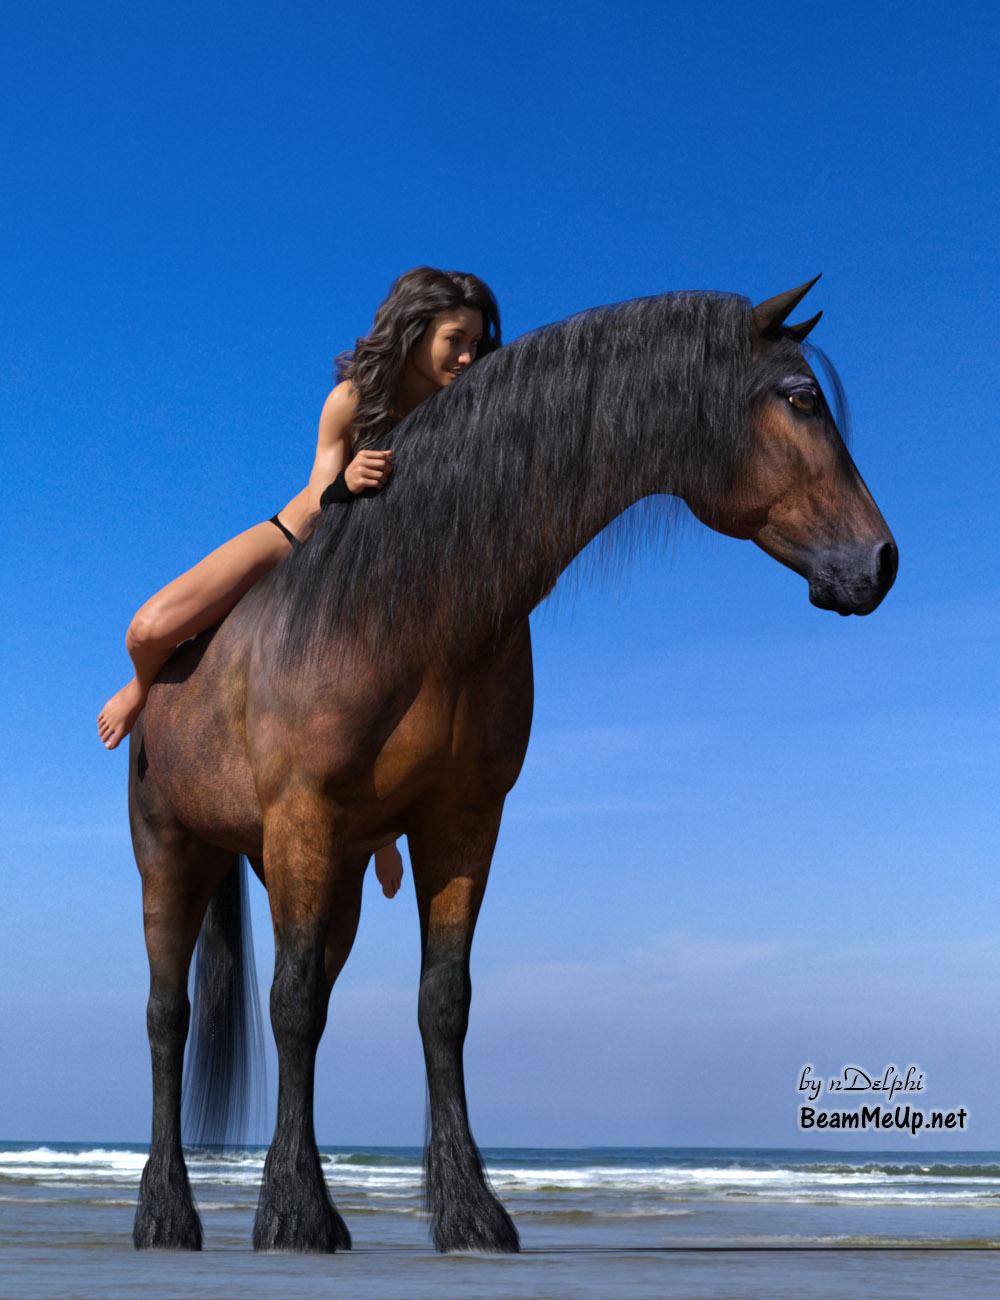 Karen 7 - Wet (Sweat) - HiveWire 3D Horse - Sig.jpg